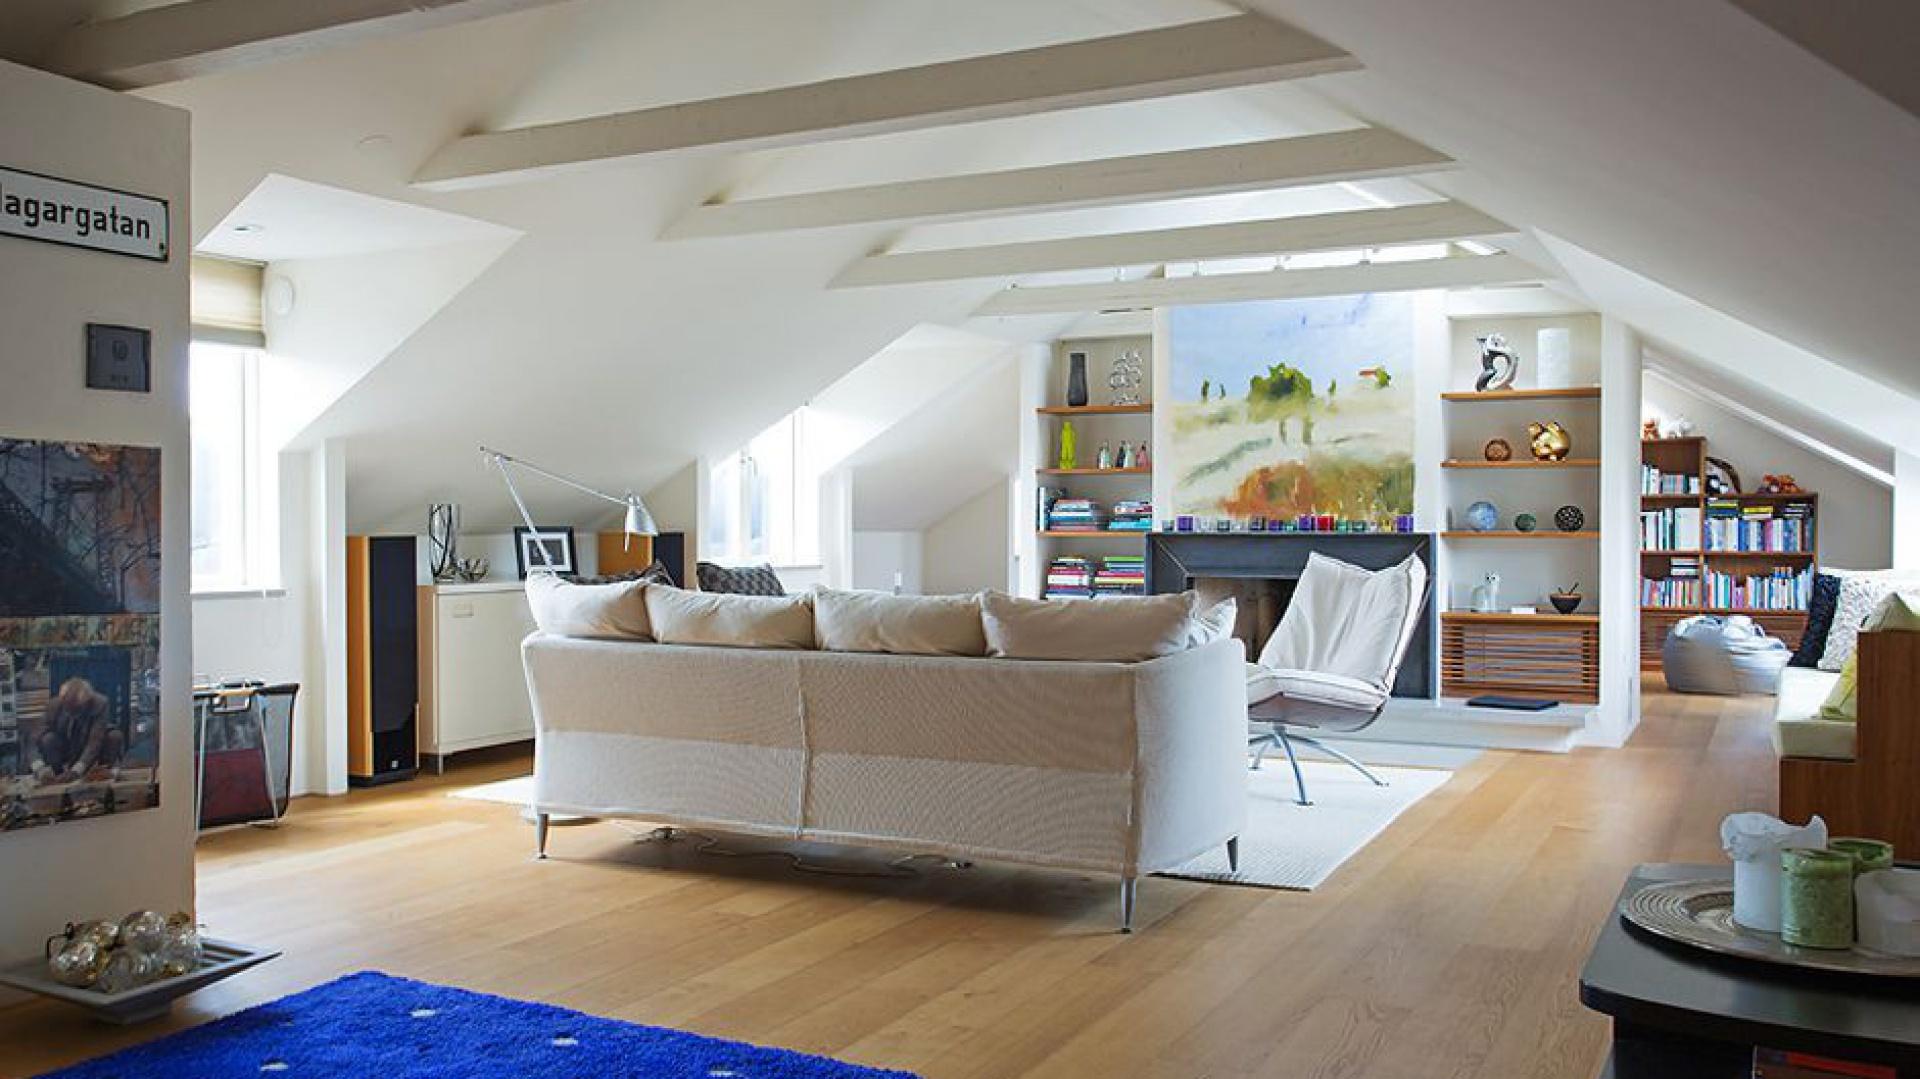 Przestrzeń w mieszkaniu zaaranżowano z pomysłem. Za ścianką działową, na której zlokalizowano kominek urządzono pokój telewizyjny z biblioteczką. Fot. Per Jansson.